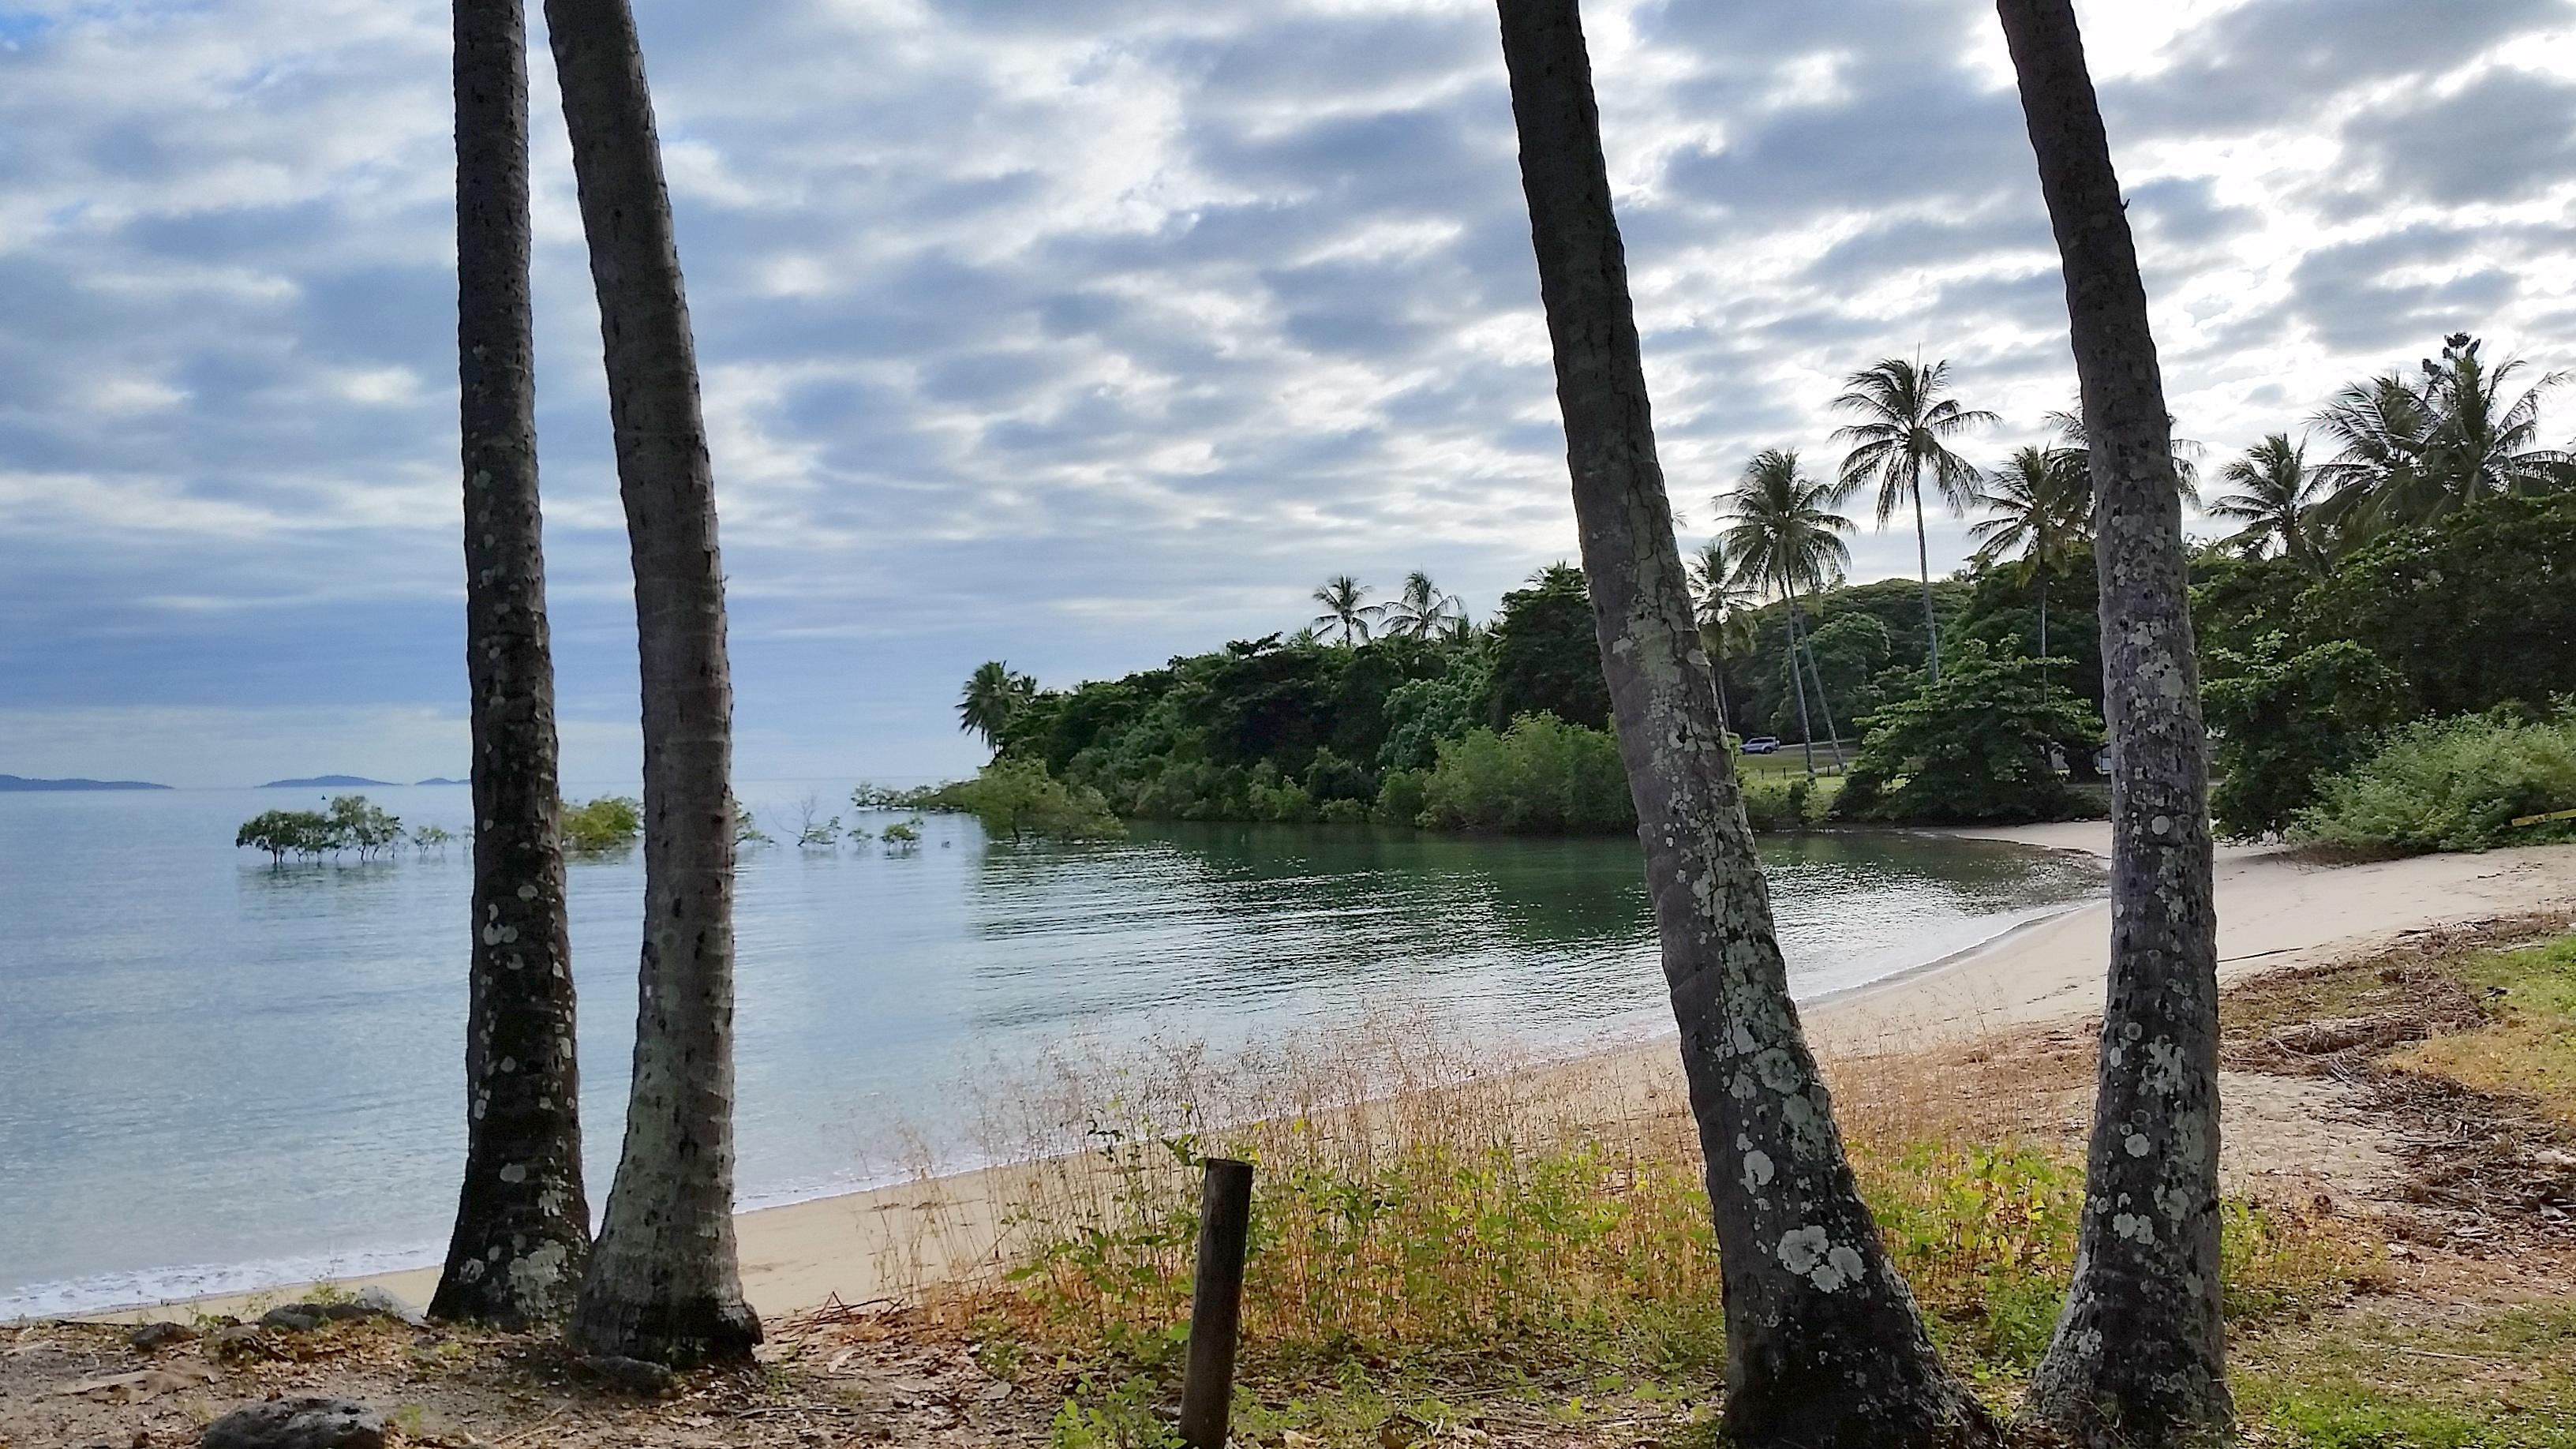 Port Douglas, Cairns, Queensland, AU